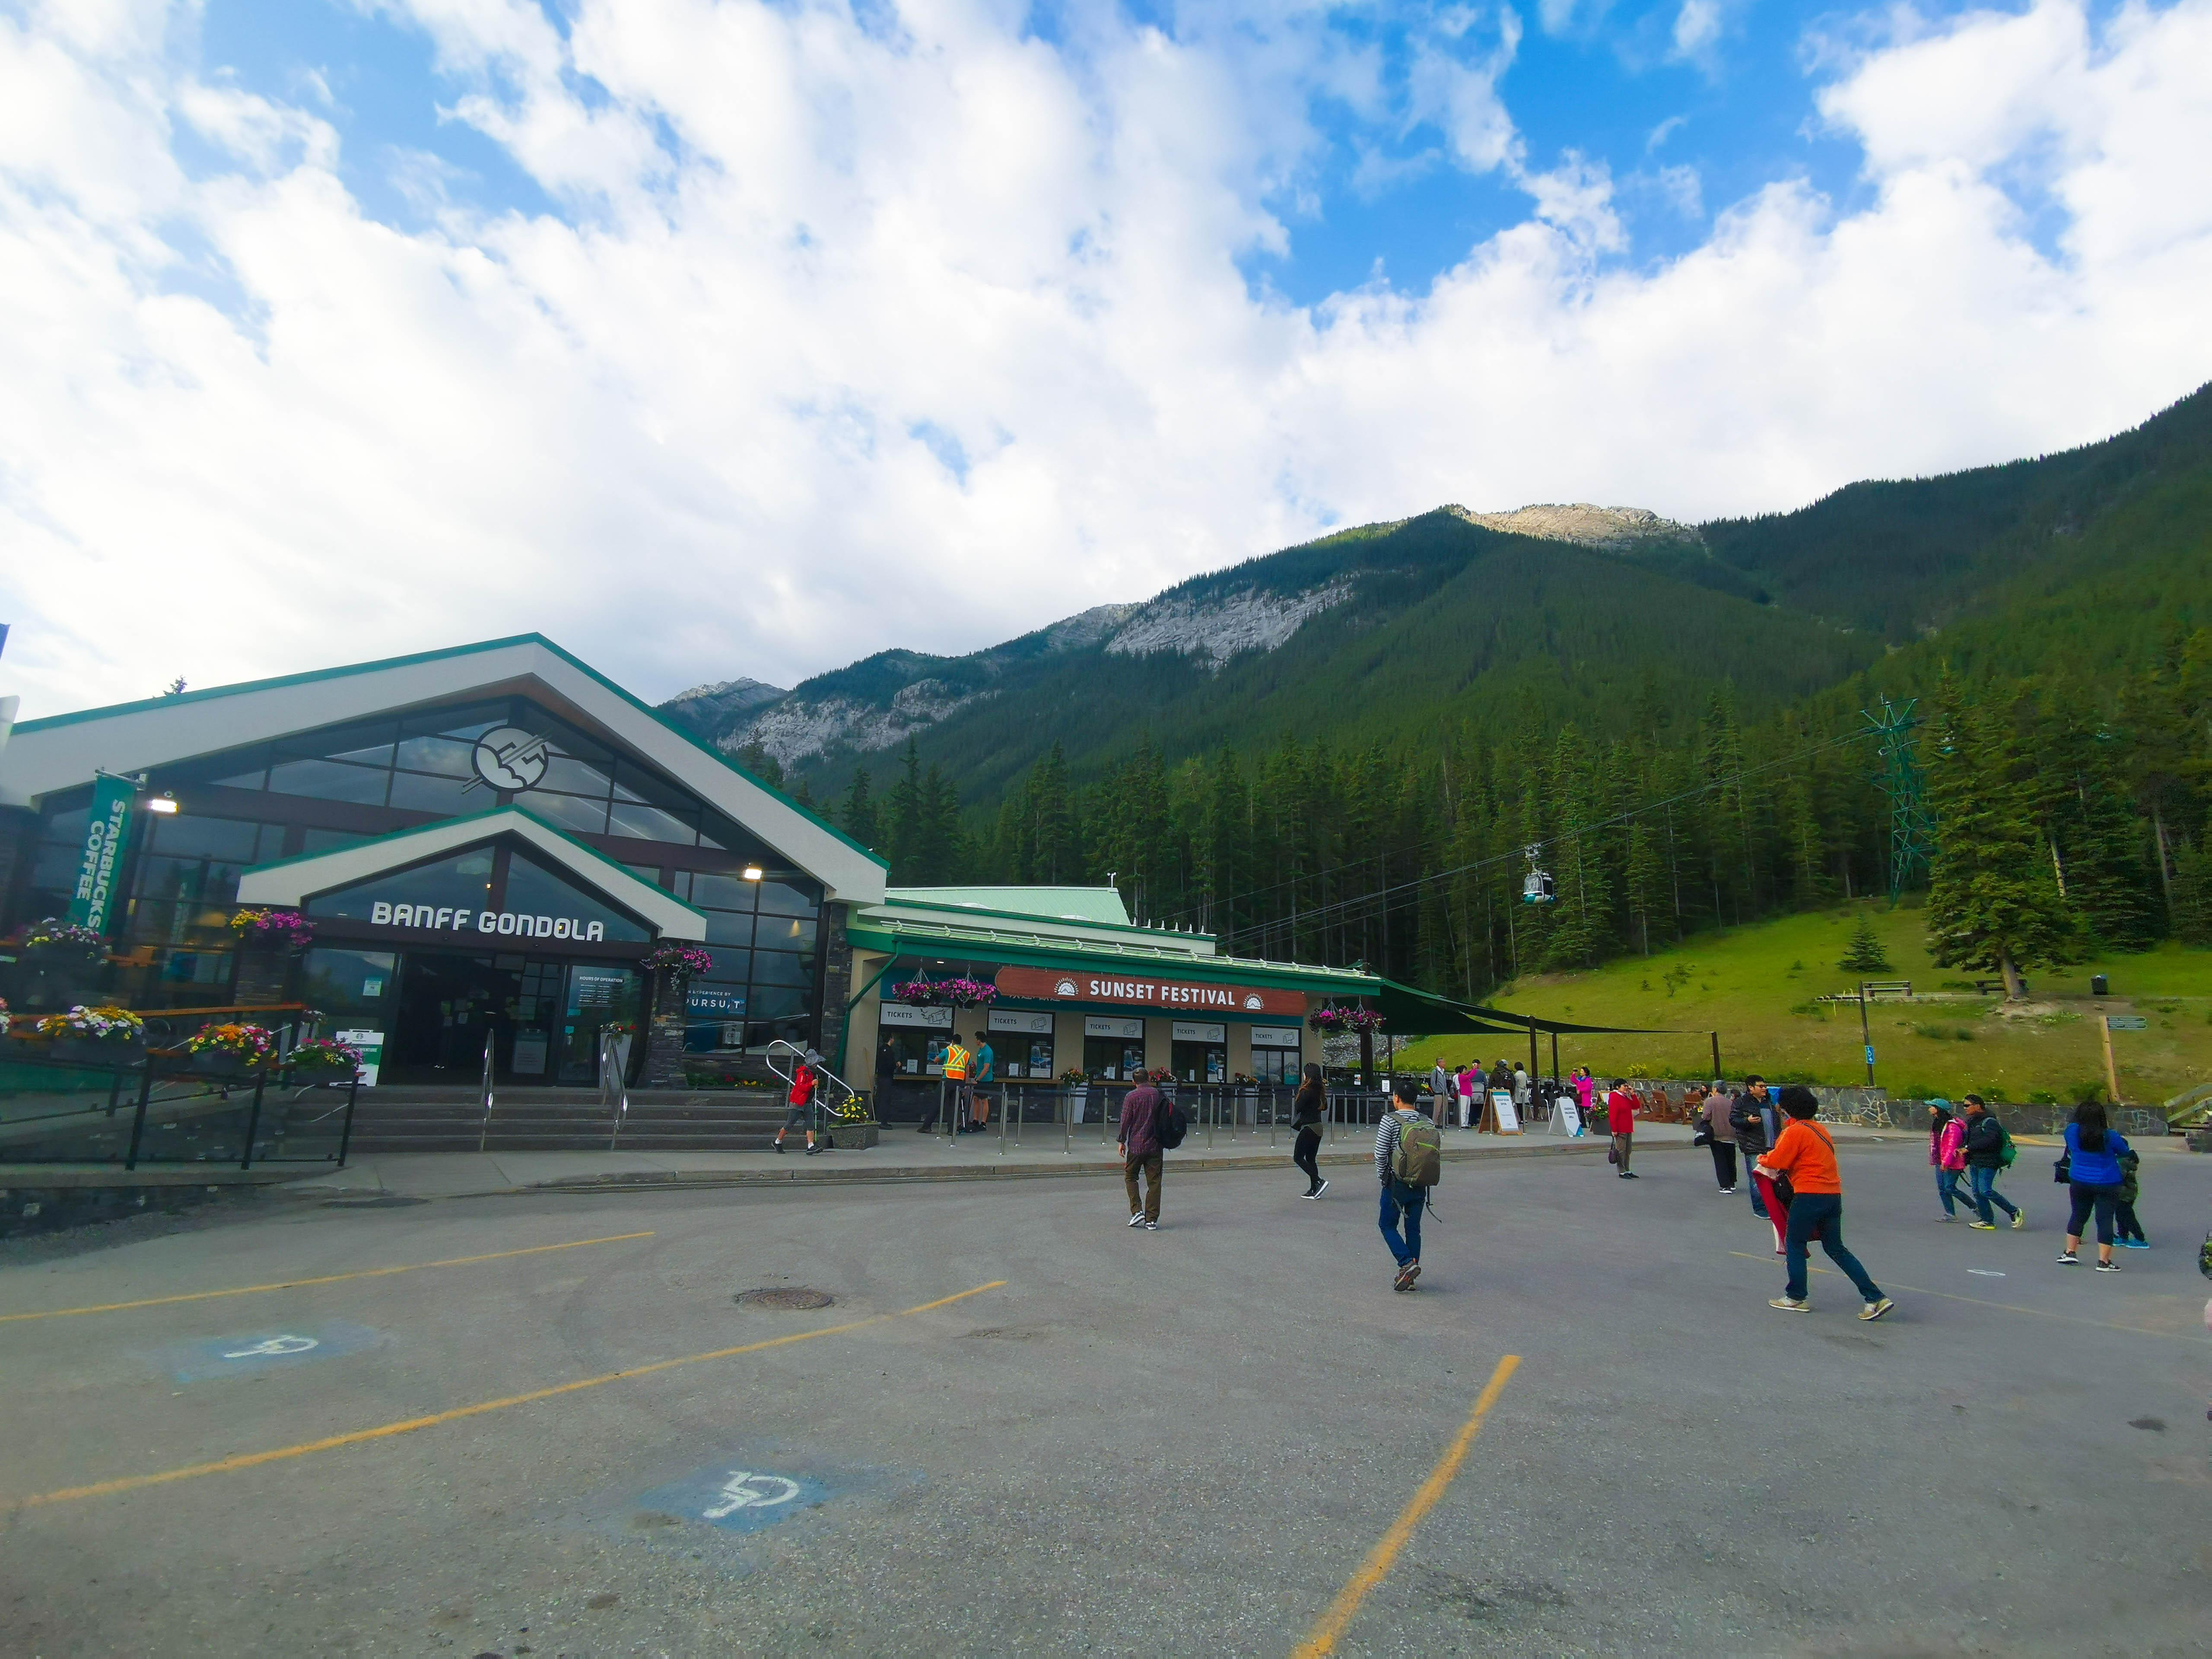 อุทยานแห่งชาติบานฟ์ (Banff National Park) เที่ยวแคนาดา ทัวร์แคนาดา